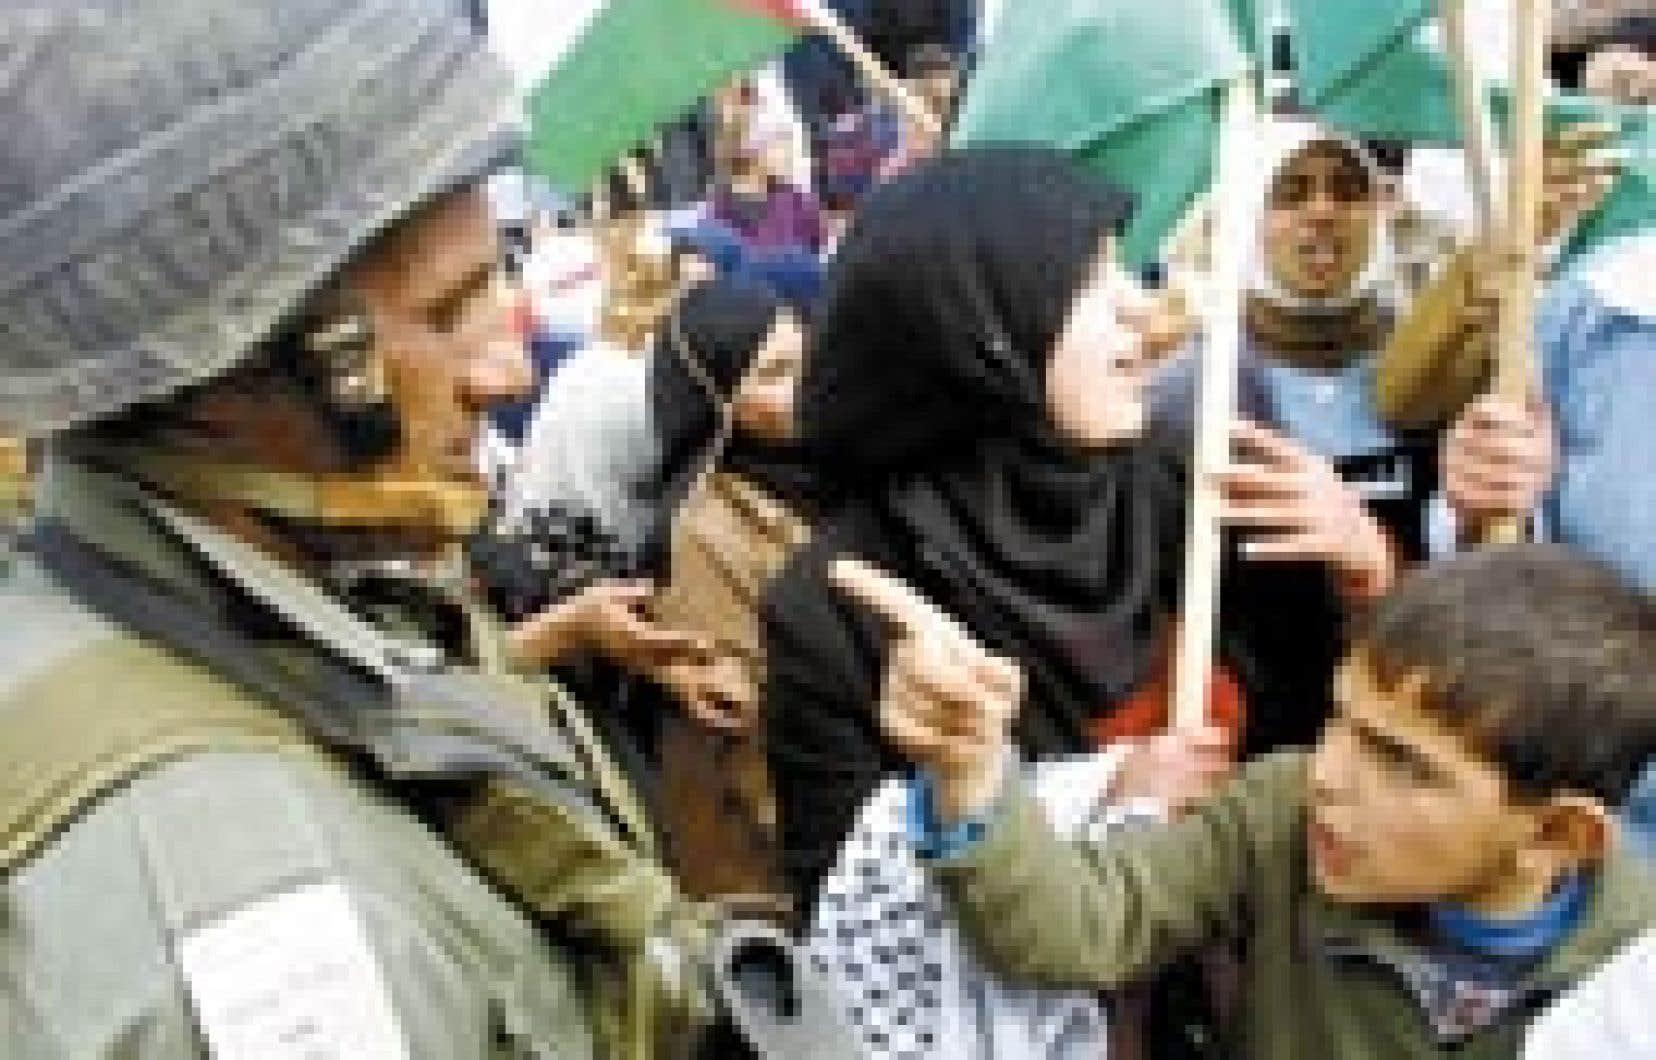 Un enfant palestinien montre un soldat israélien du doigt.